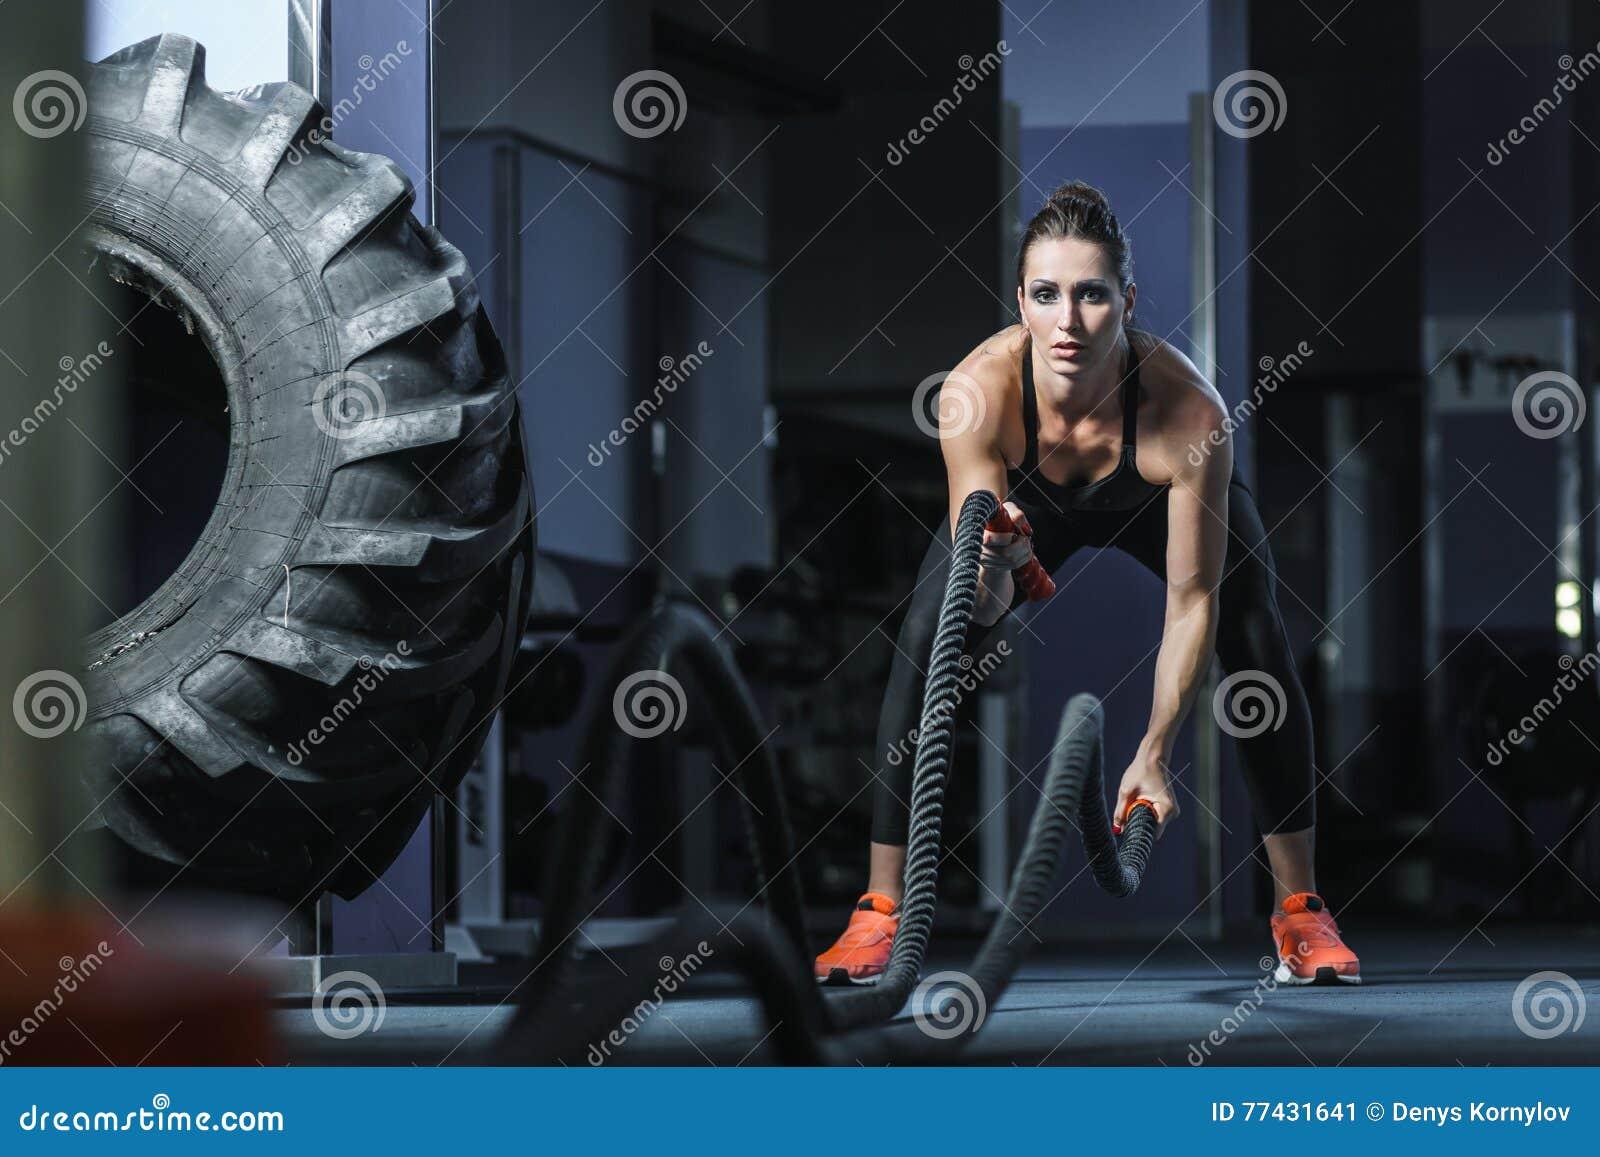 强有力的可爱的肌肉CrossFit教练员作战与绳索的锻炼